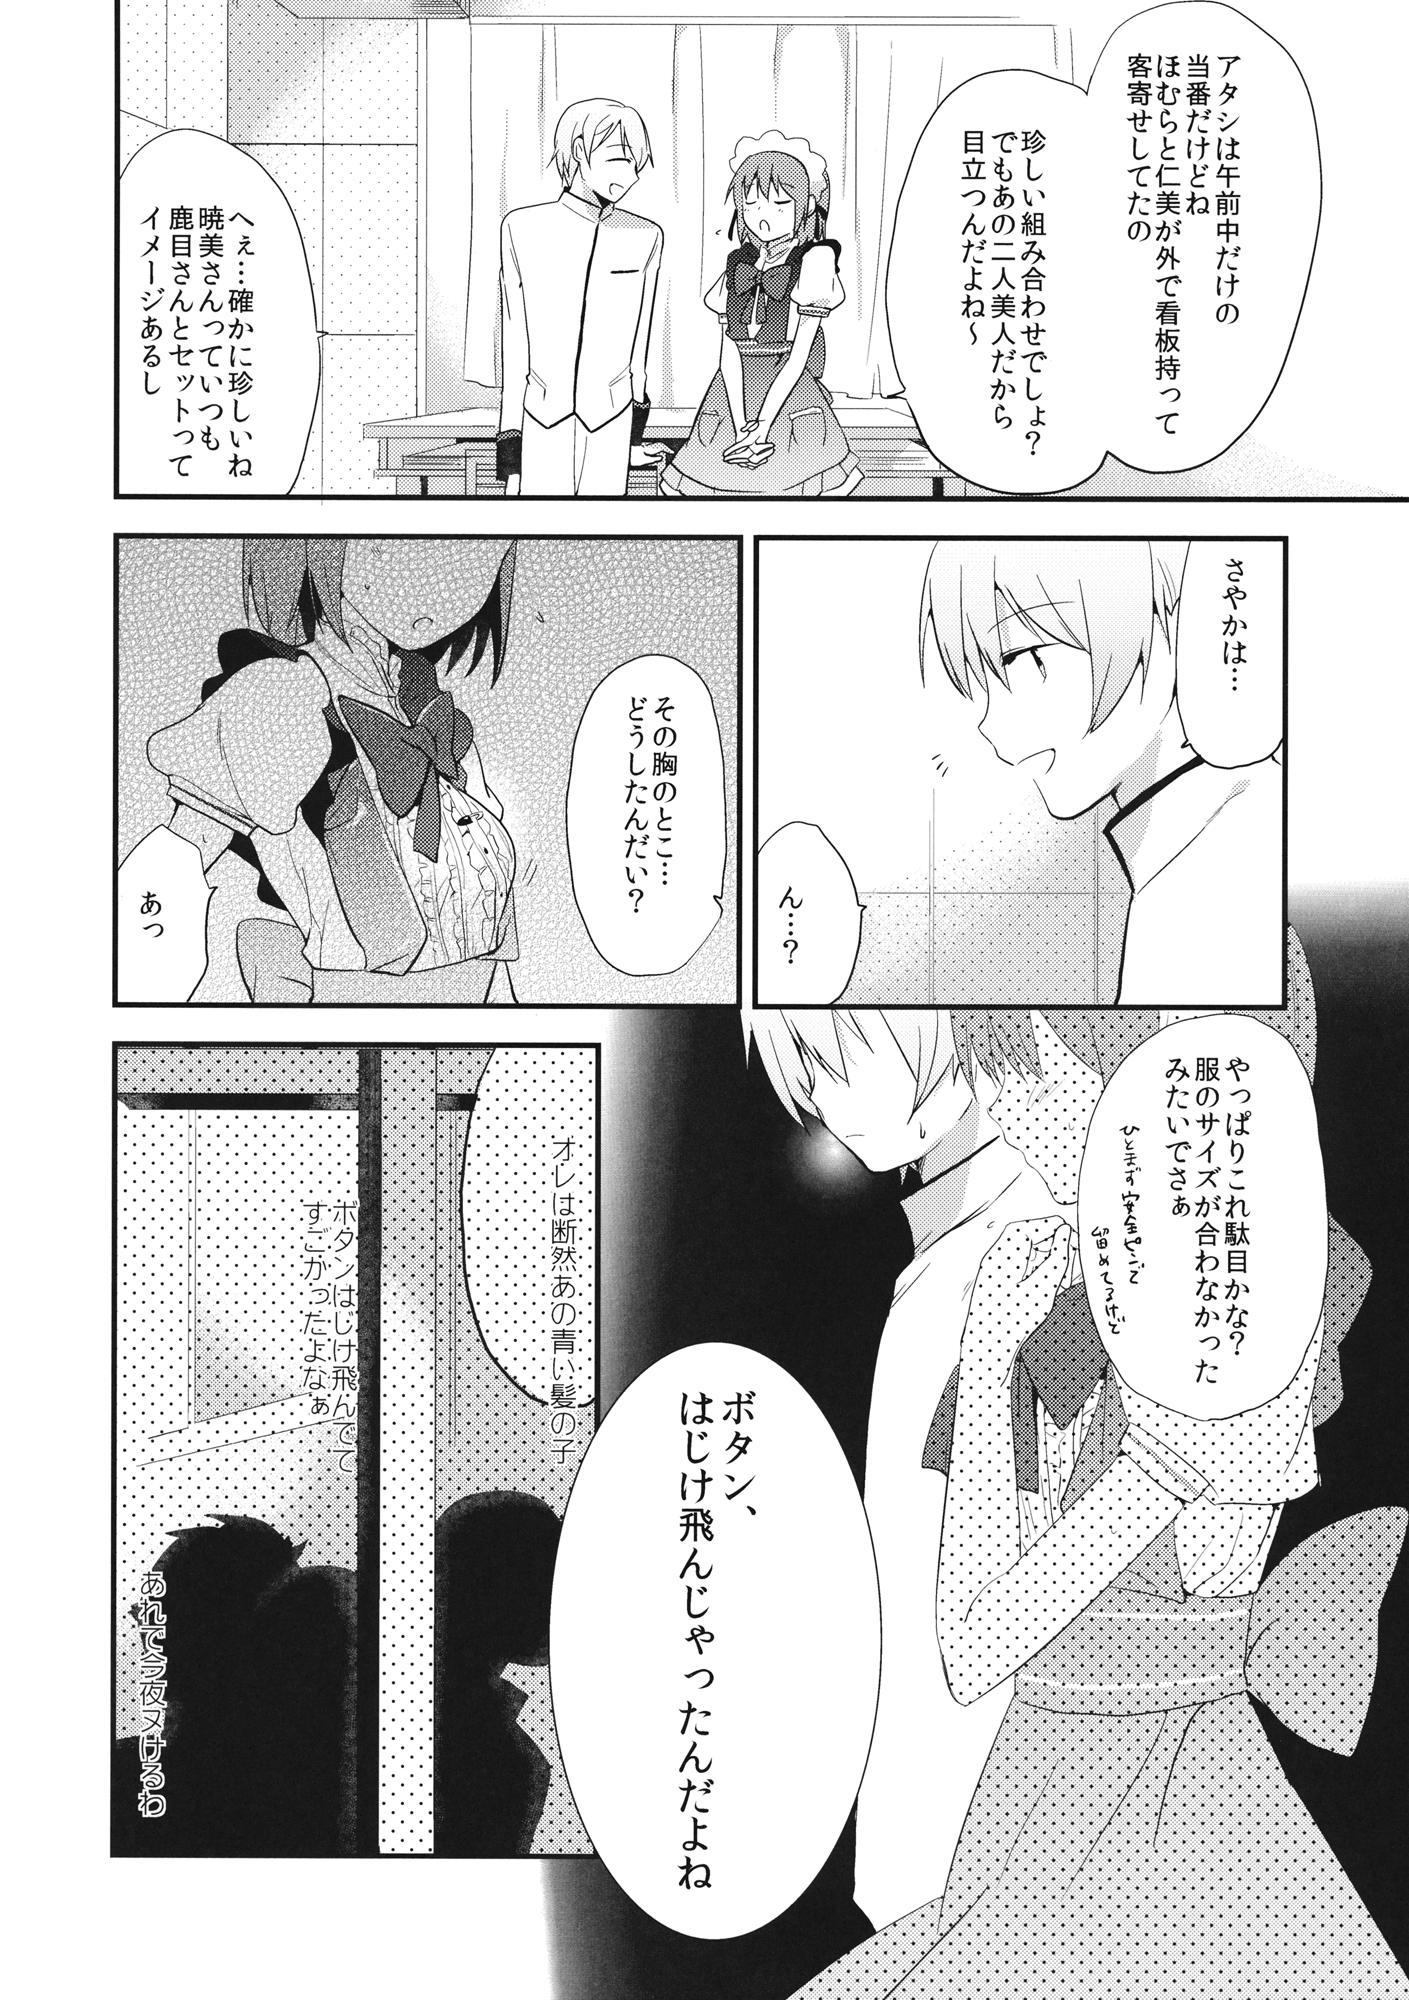 Maid Sayaka ga Gohoushi Shichau Hon 10